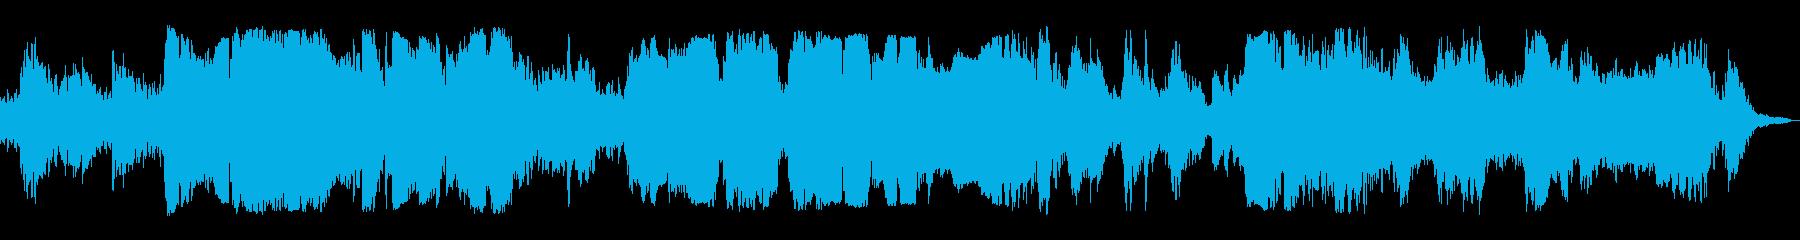 ハープとオカリナの優しいヒーリング曲の再生済みの波形